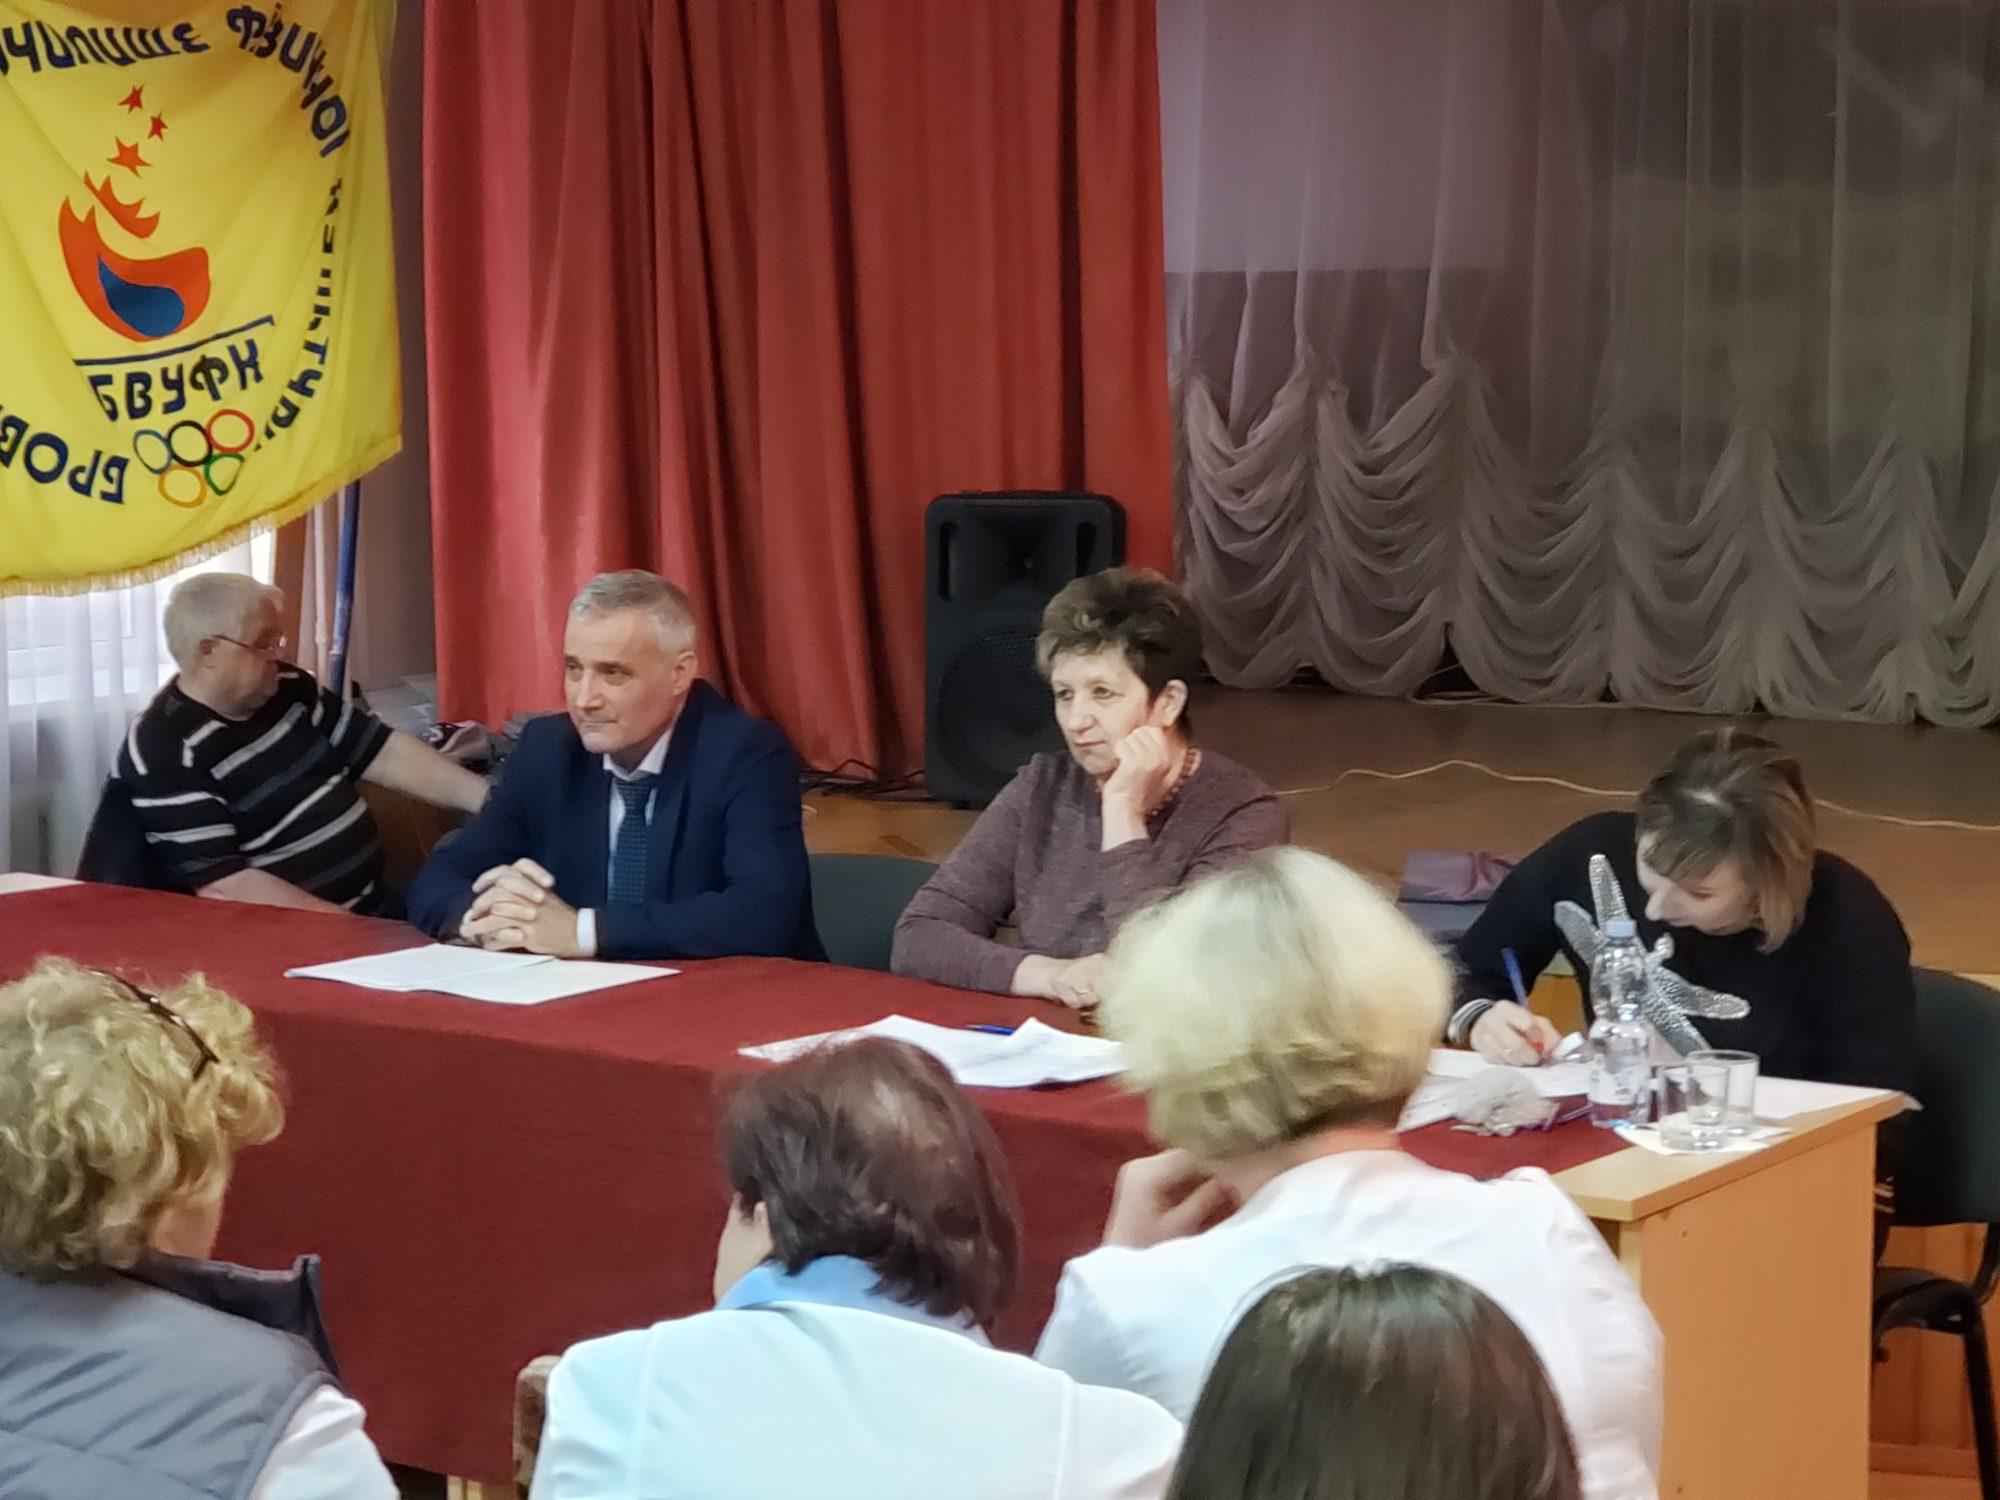 Школи не буде: у Броварах відбулася нарада щодо відкриття ЗОШ на базі БВУФК -  - 20200130 135607 2000x1500